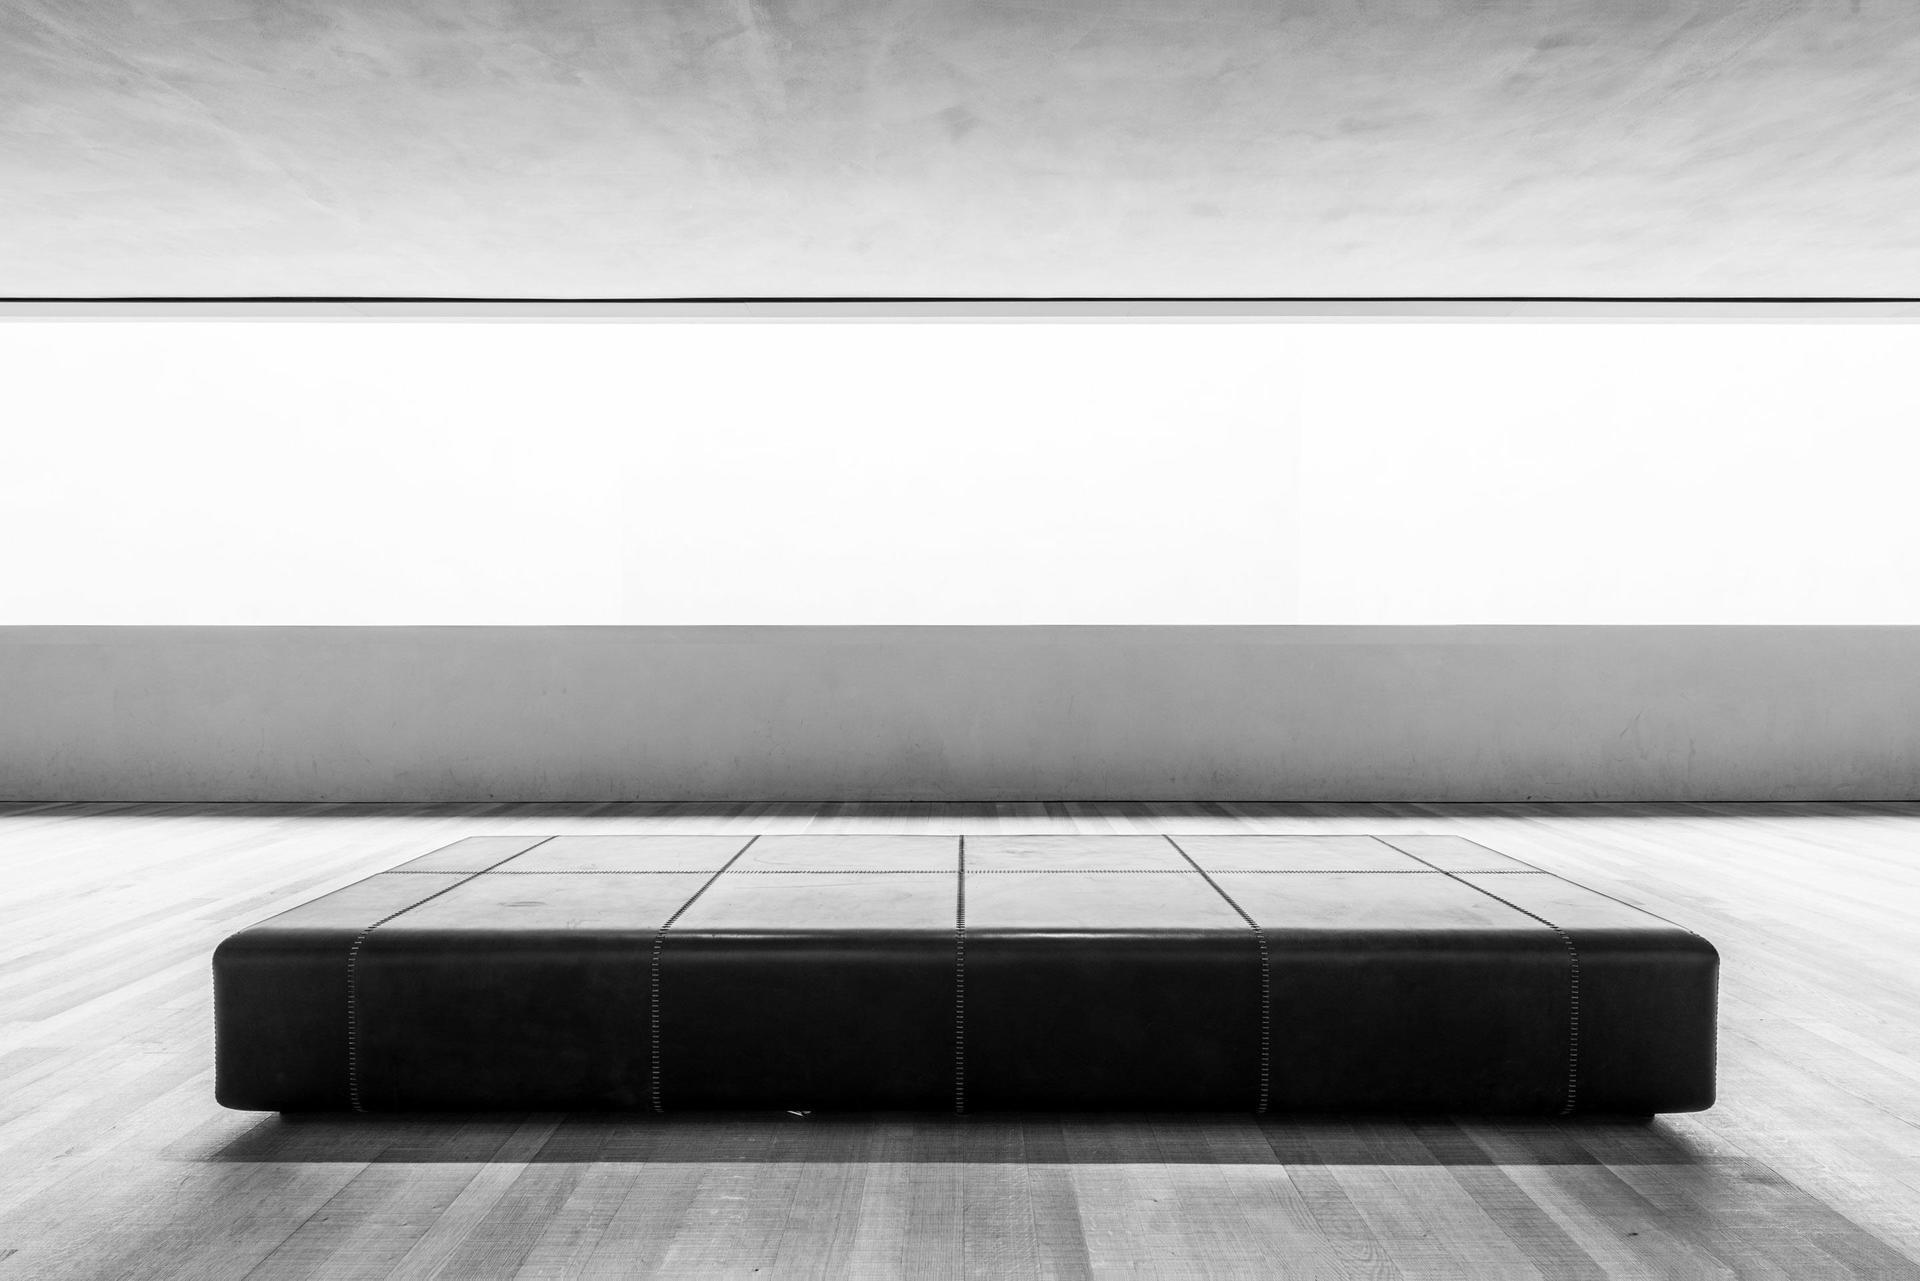 bertolini-photo-architecture-interior-3